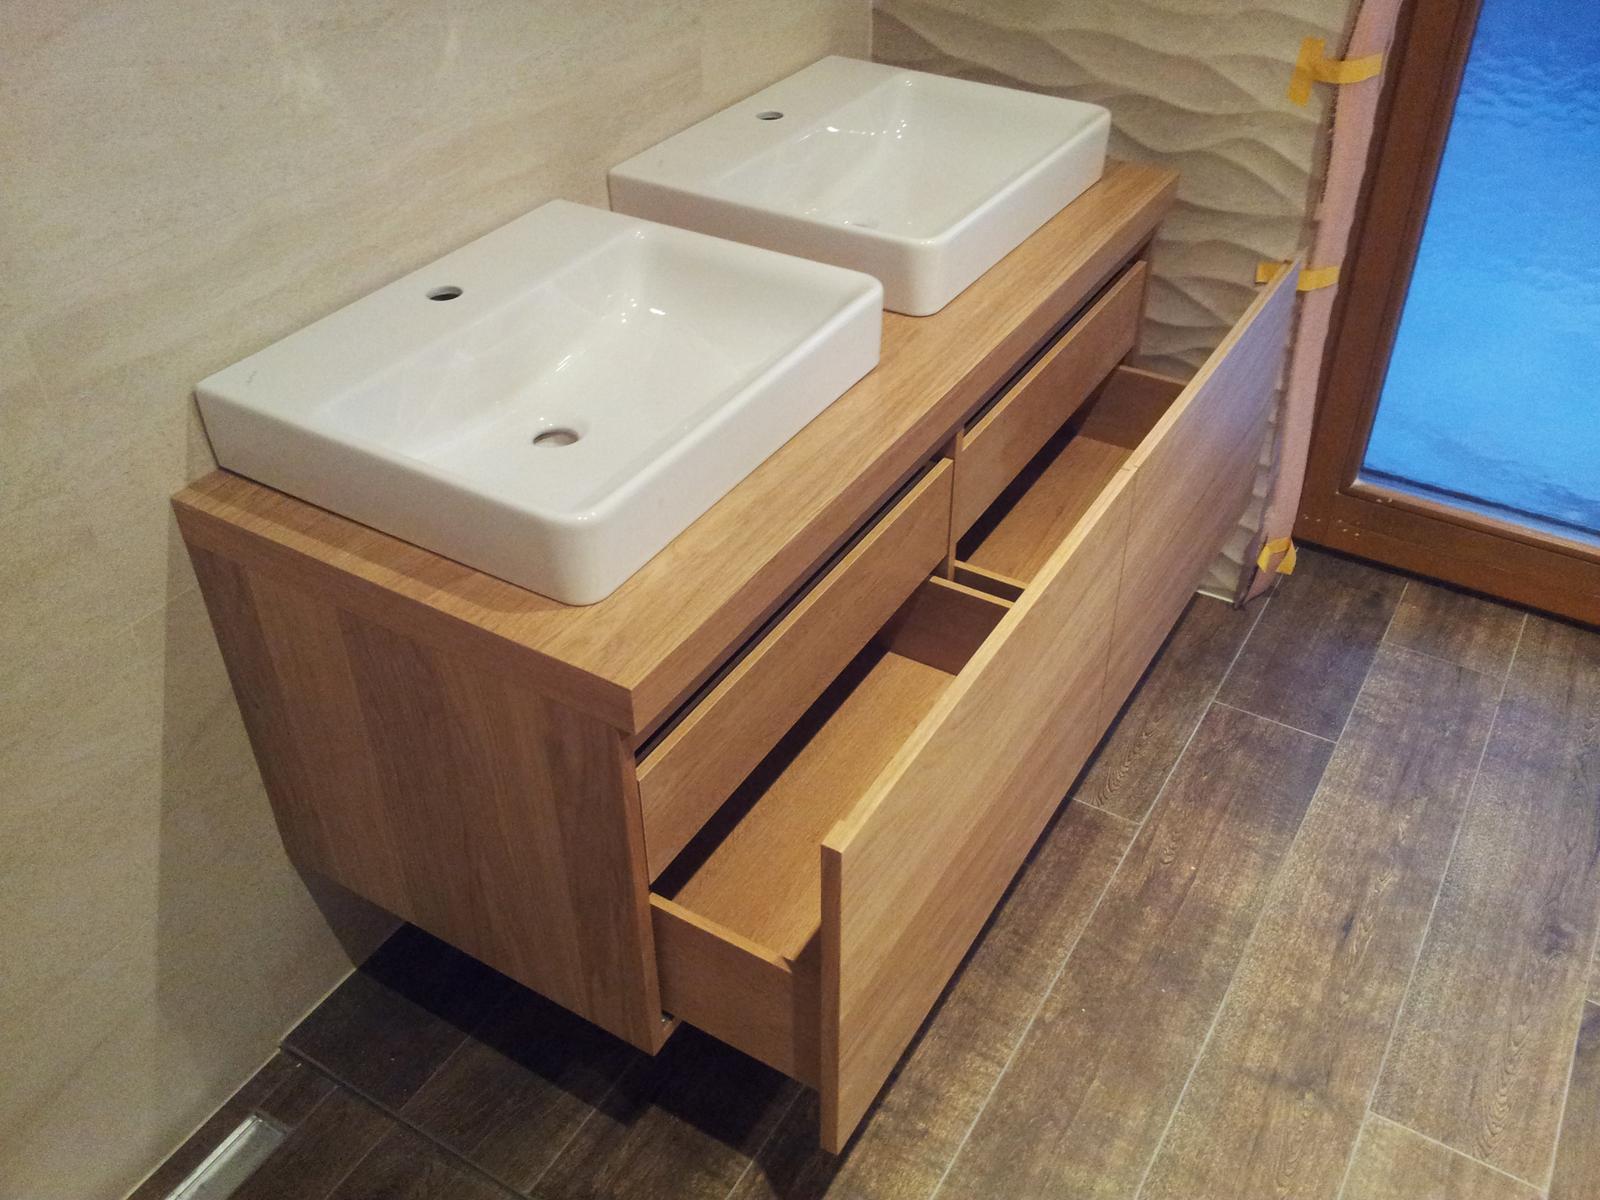 Dizajn a výroba nábytku na mieru Cubica - Závesná kúpeľňová skrinka so zásuvkami - dub prírodný - dizajn a výroba cubica